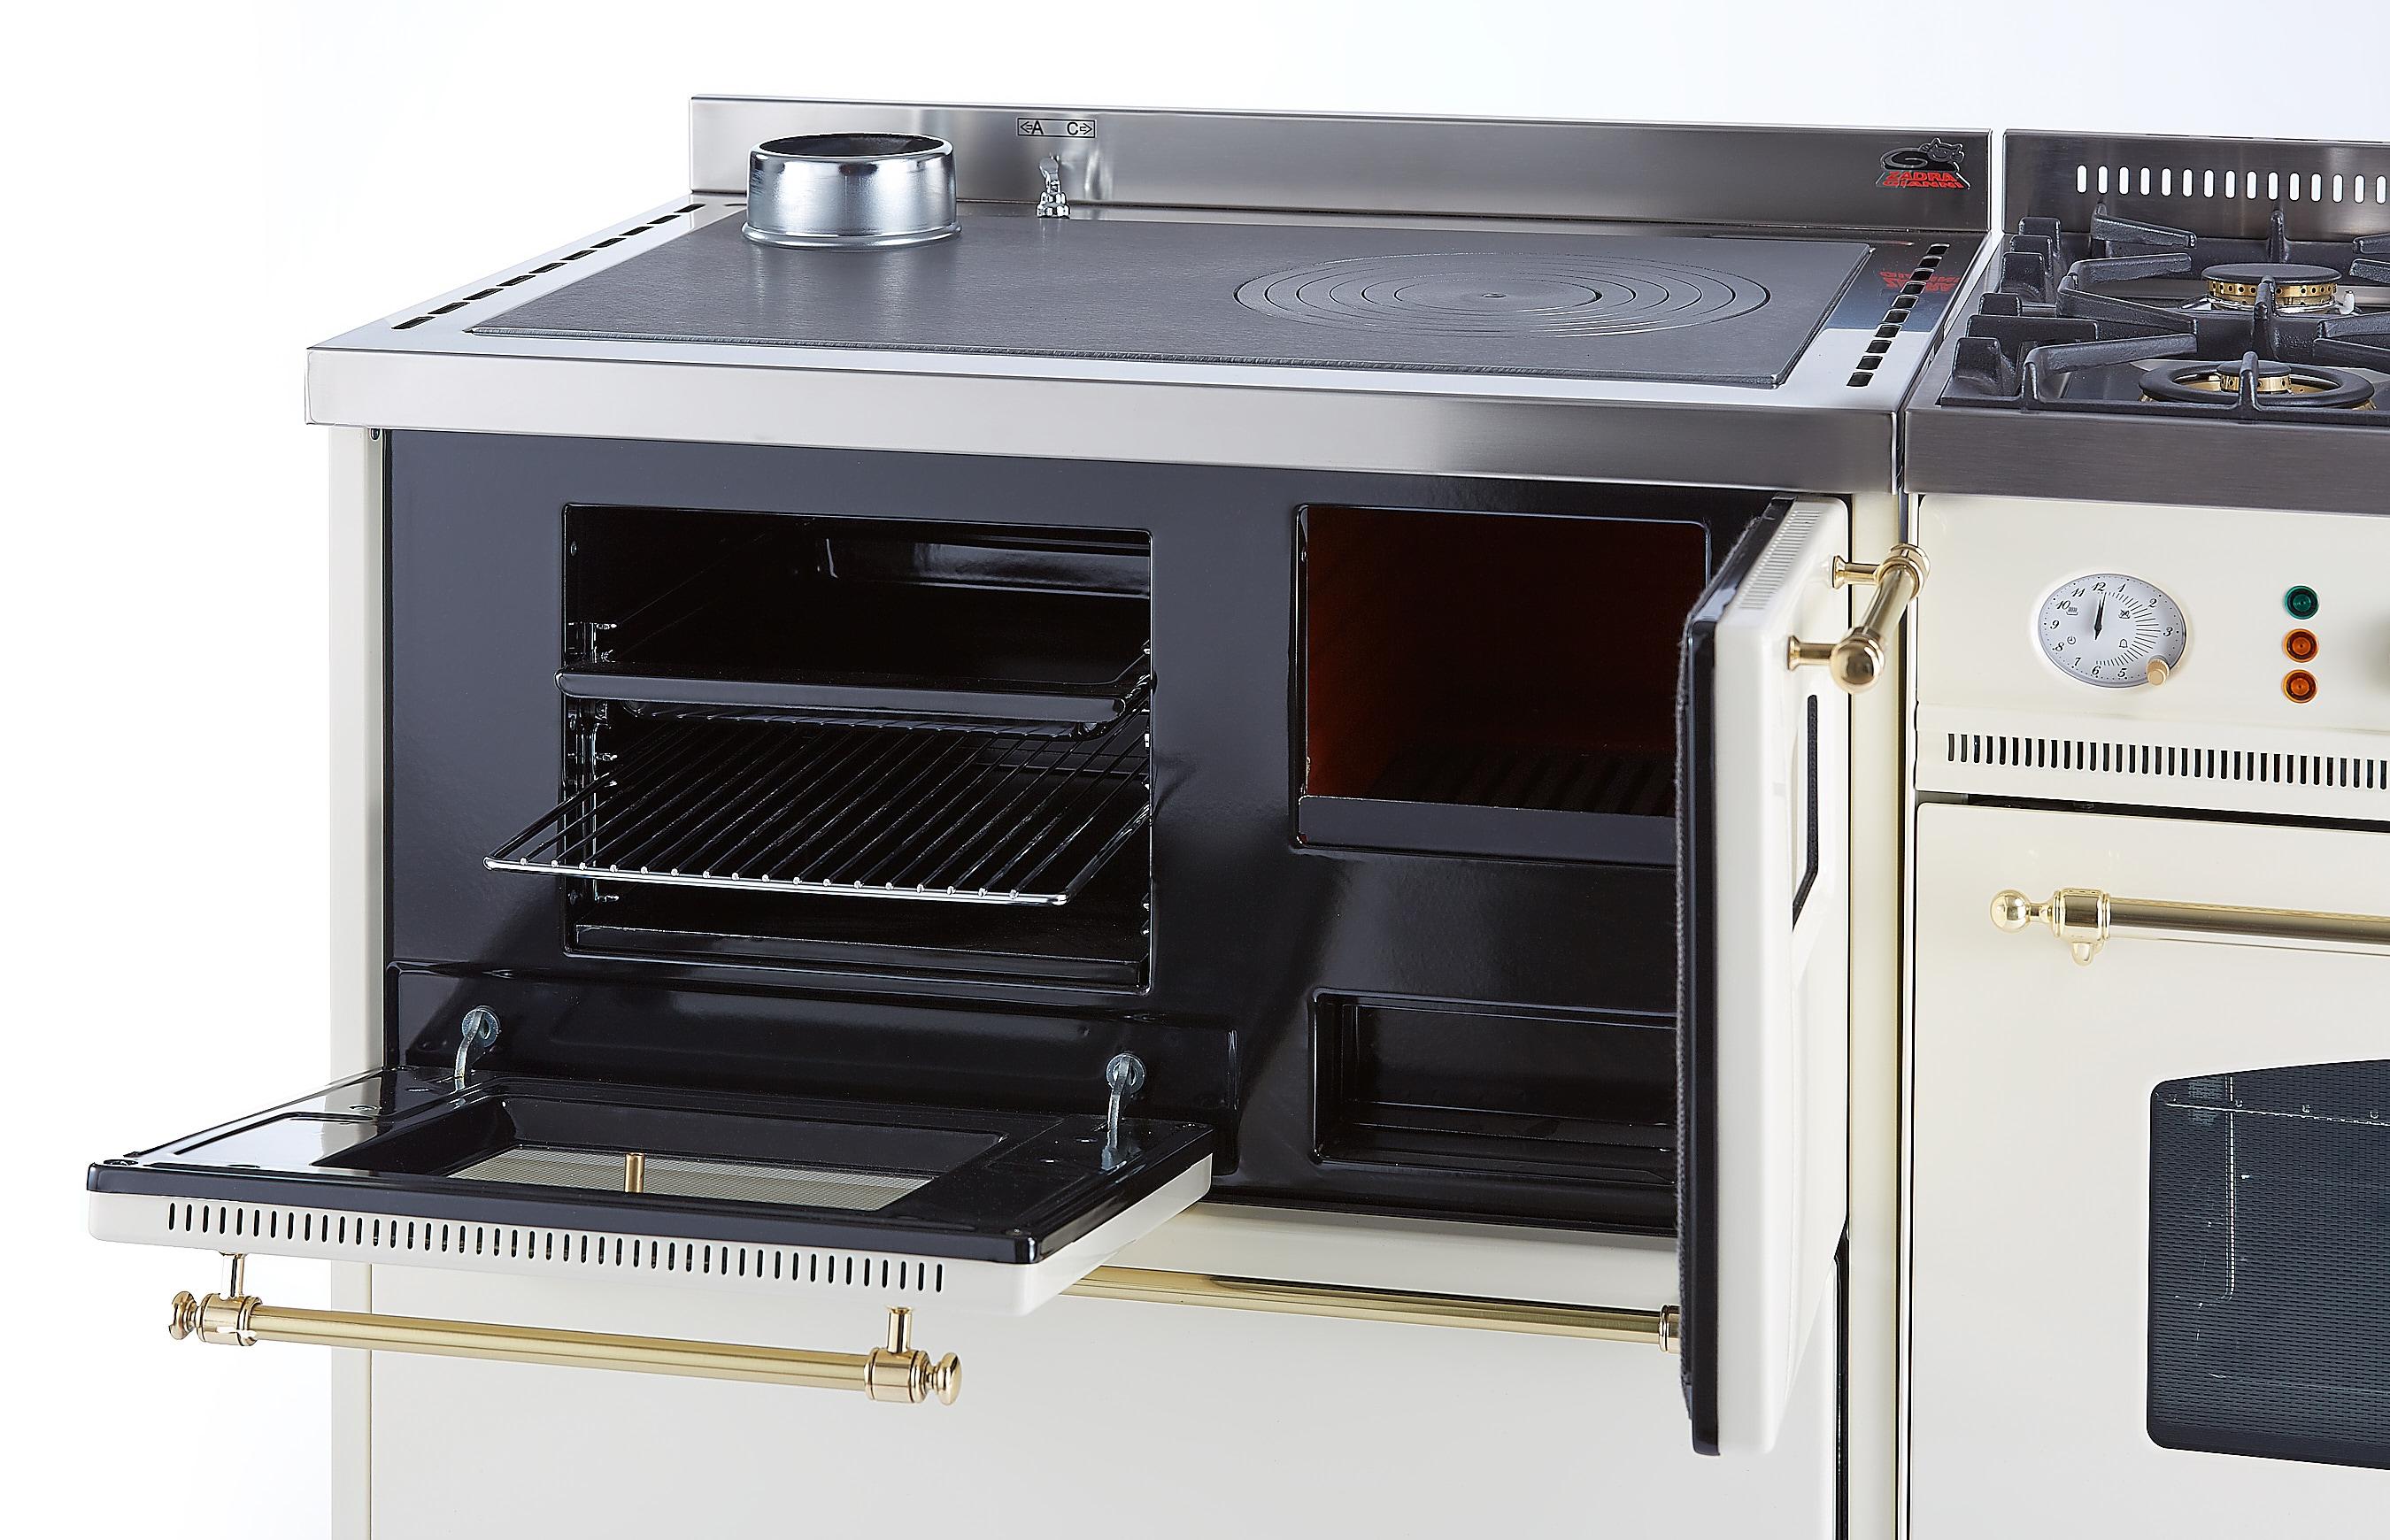 Cucine a legna e gas: cucina a legna la nordica romantica dx kw ...